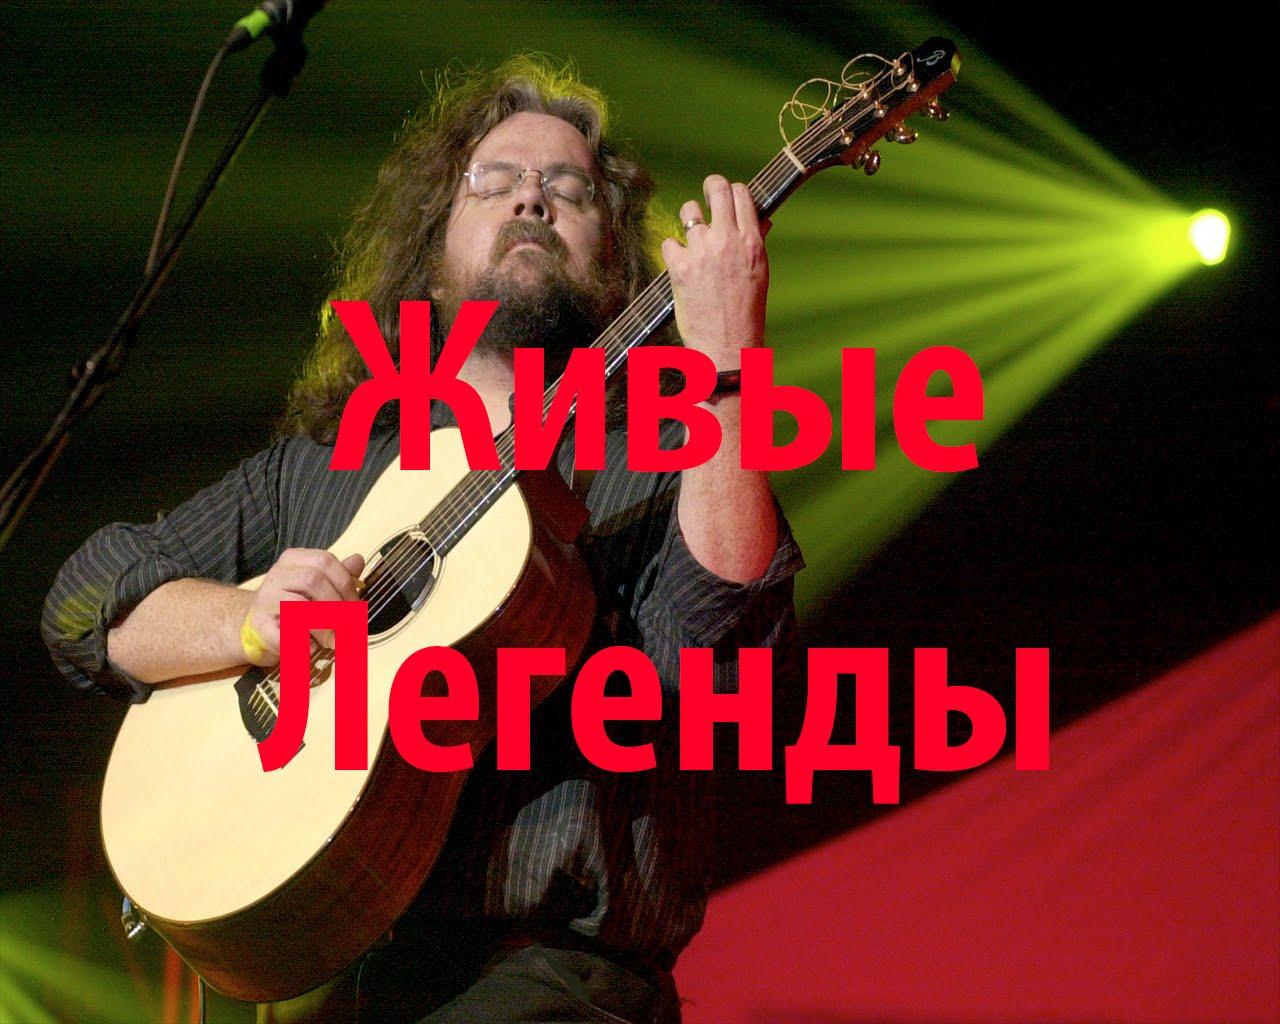 Акустическая Гитара - Живые Легенды (русская озвучка)